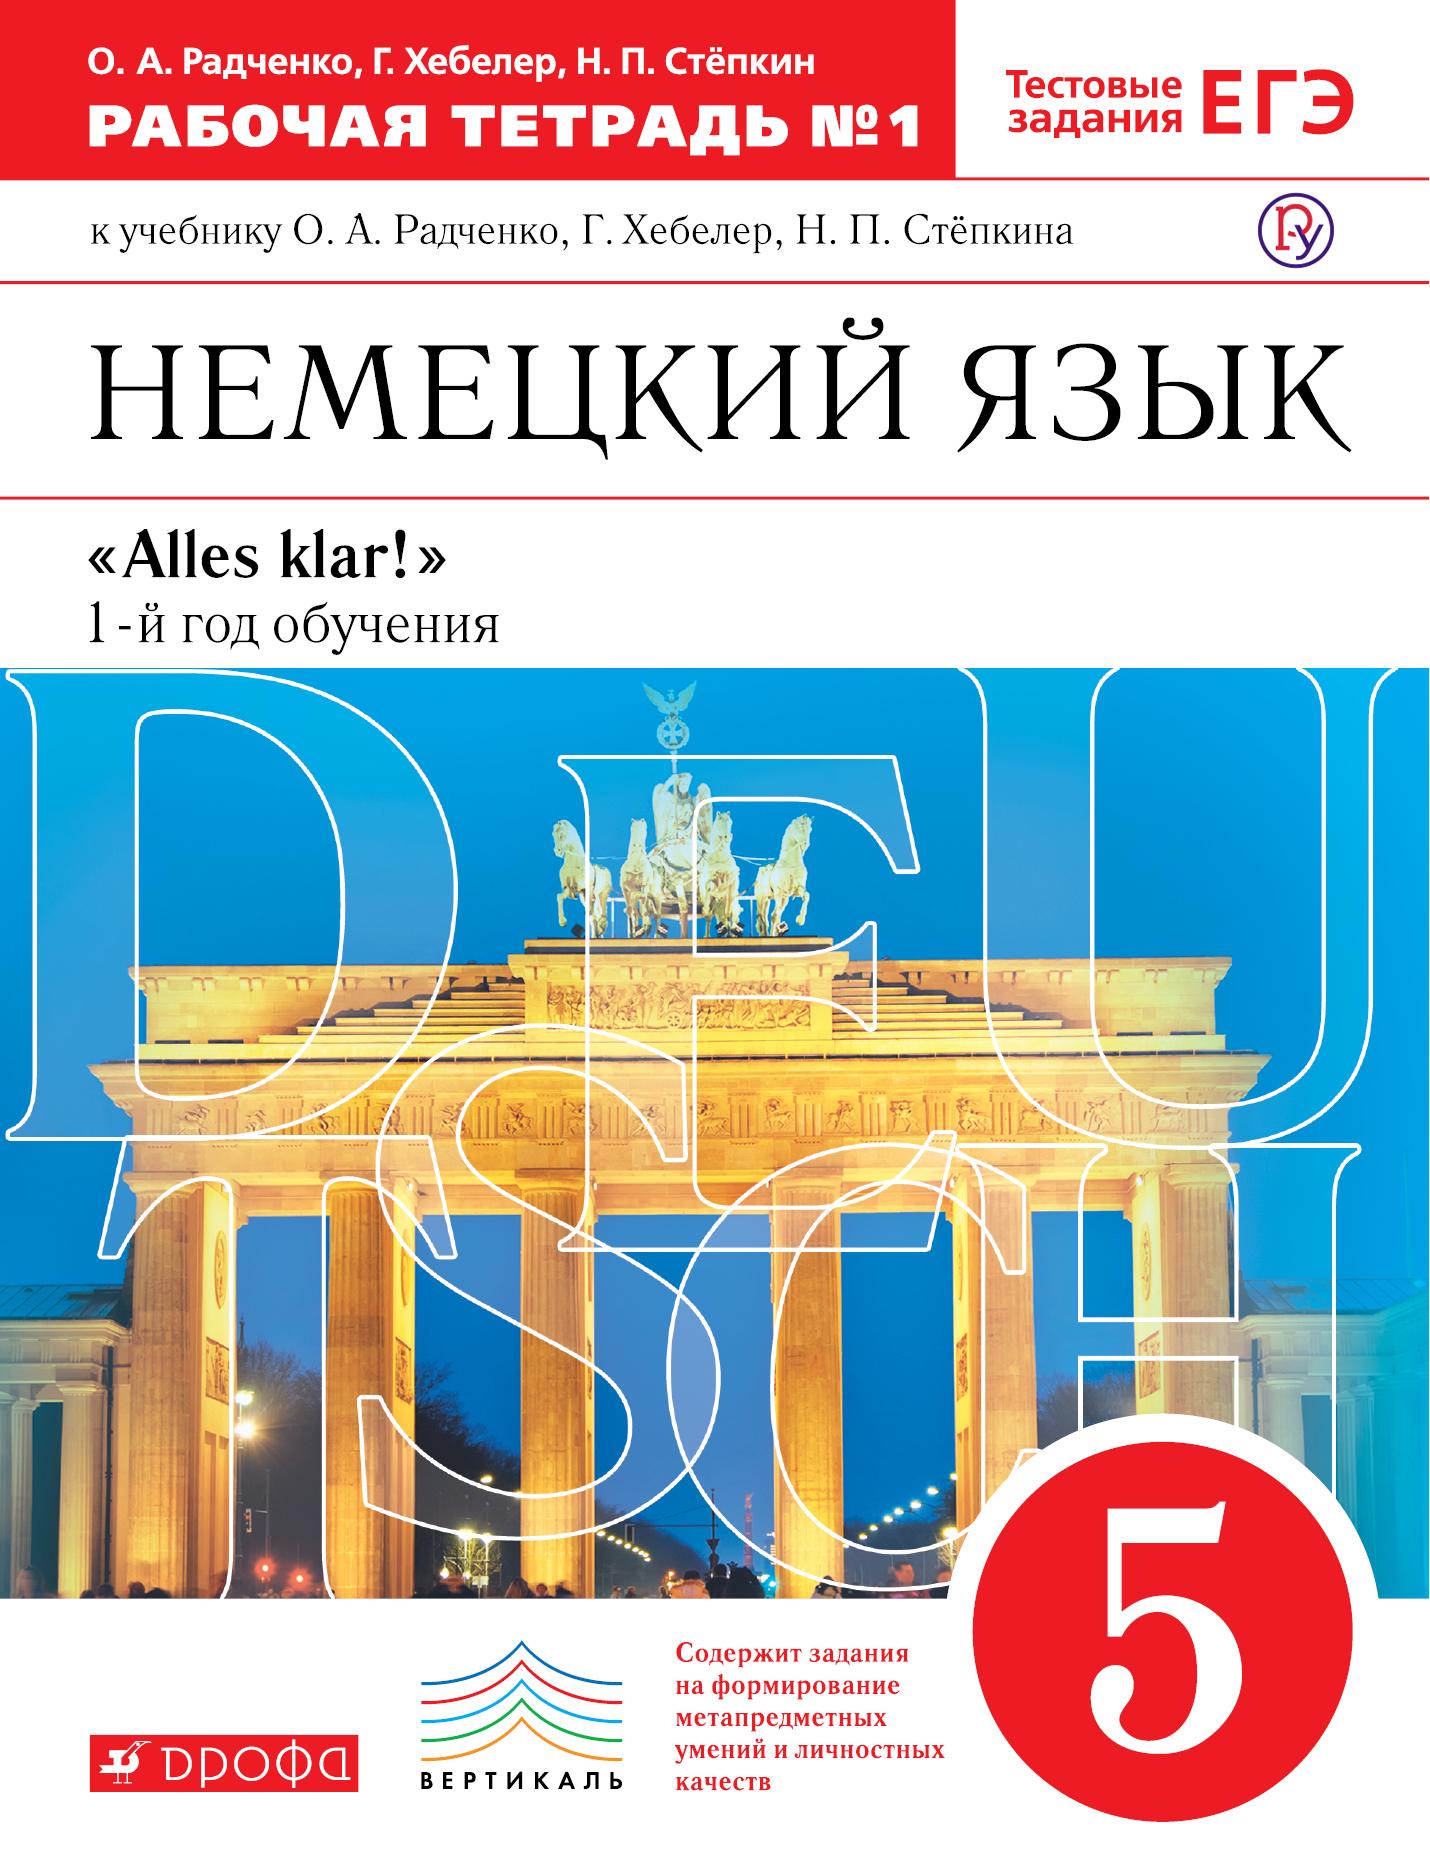 Немецкий язык как второй иностранный. 5 класс. Рабочая тетрадь в 2-х частях. Часть 1